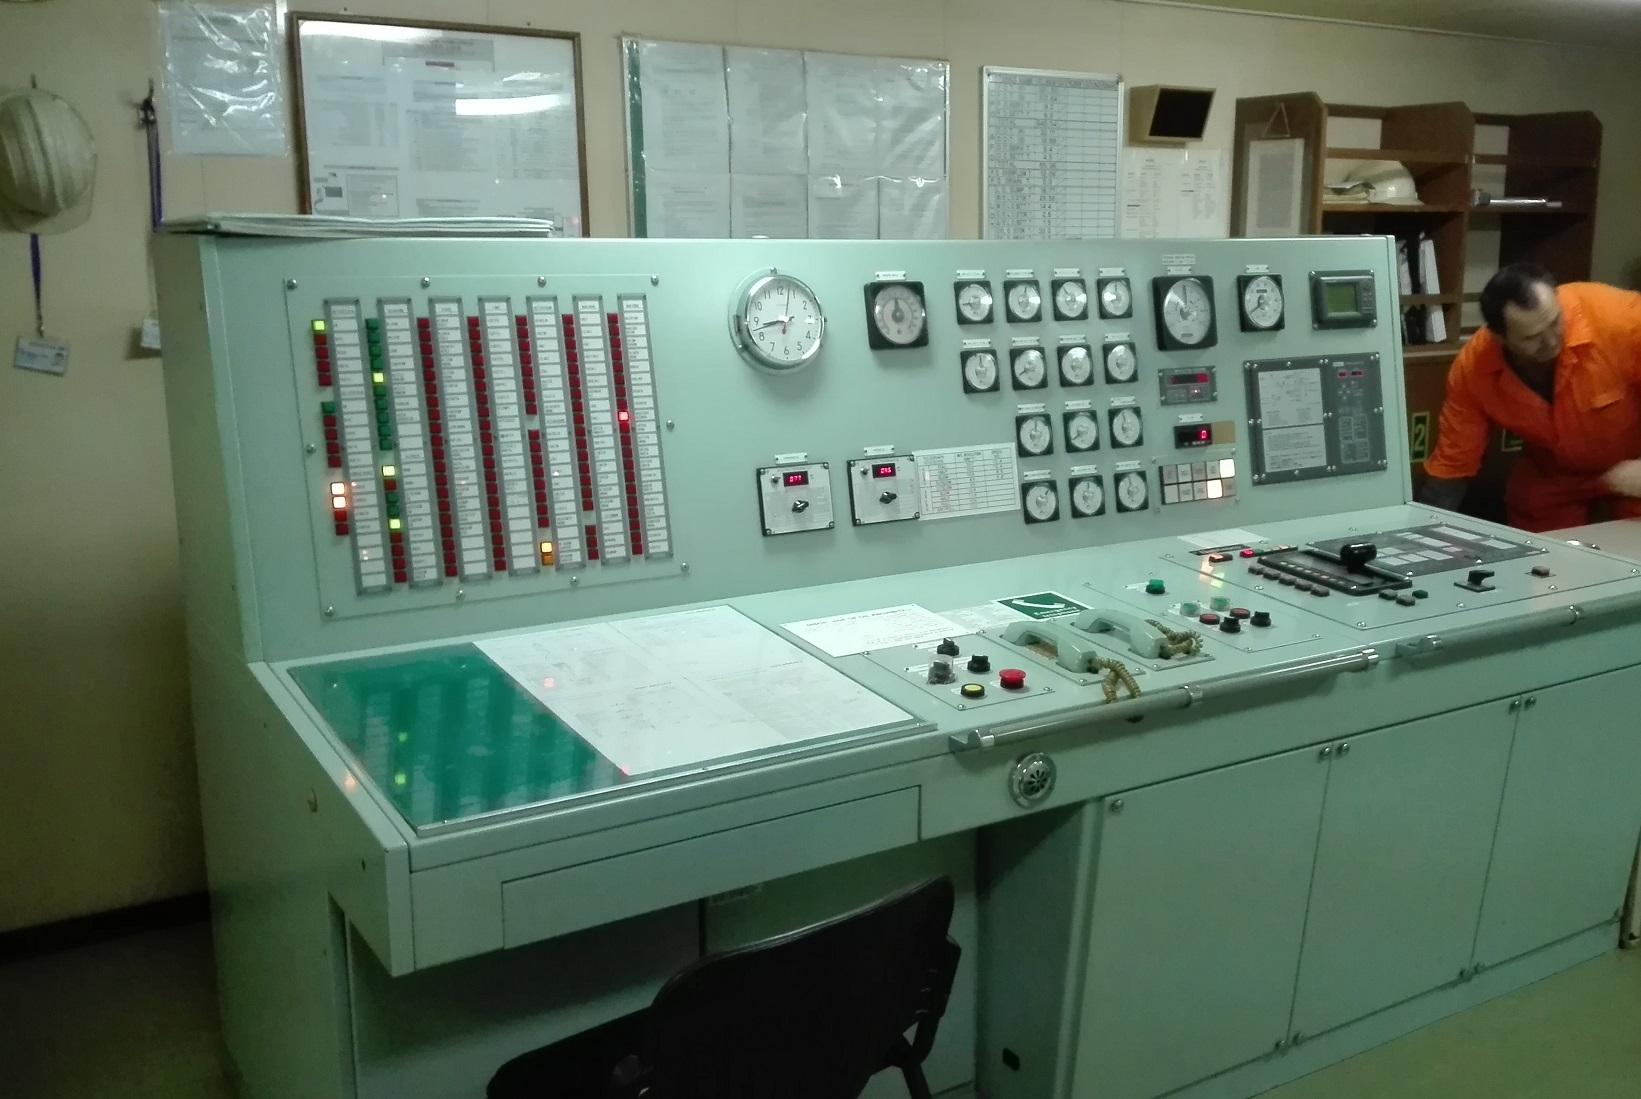 ship-condition-survey-inspection-marine-surveyor-rouen-france